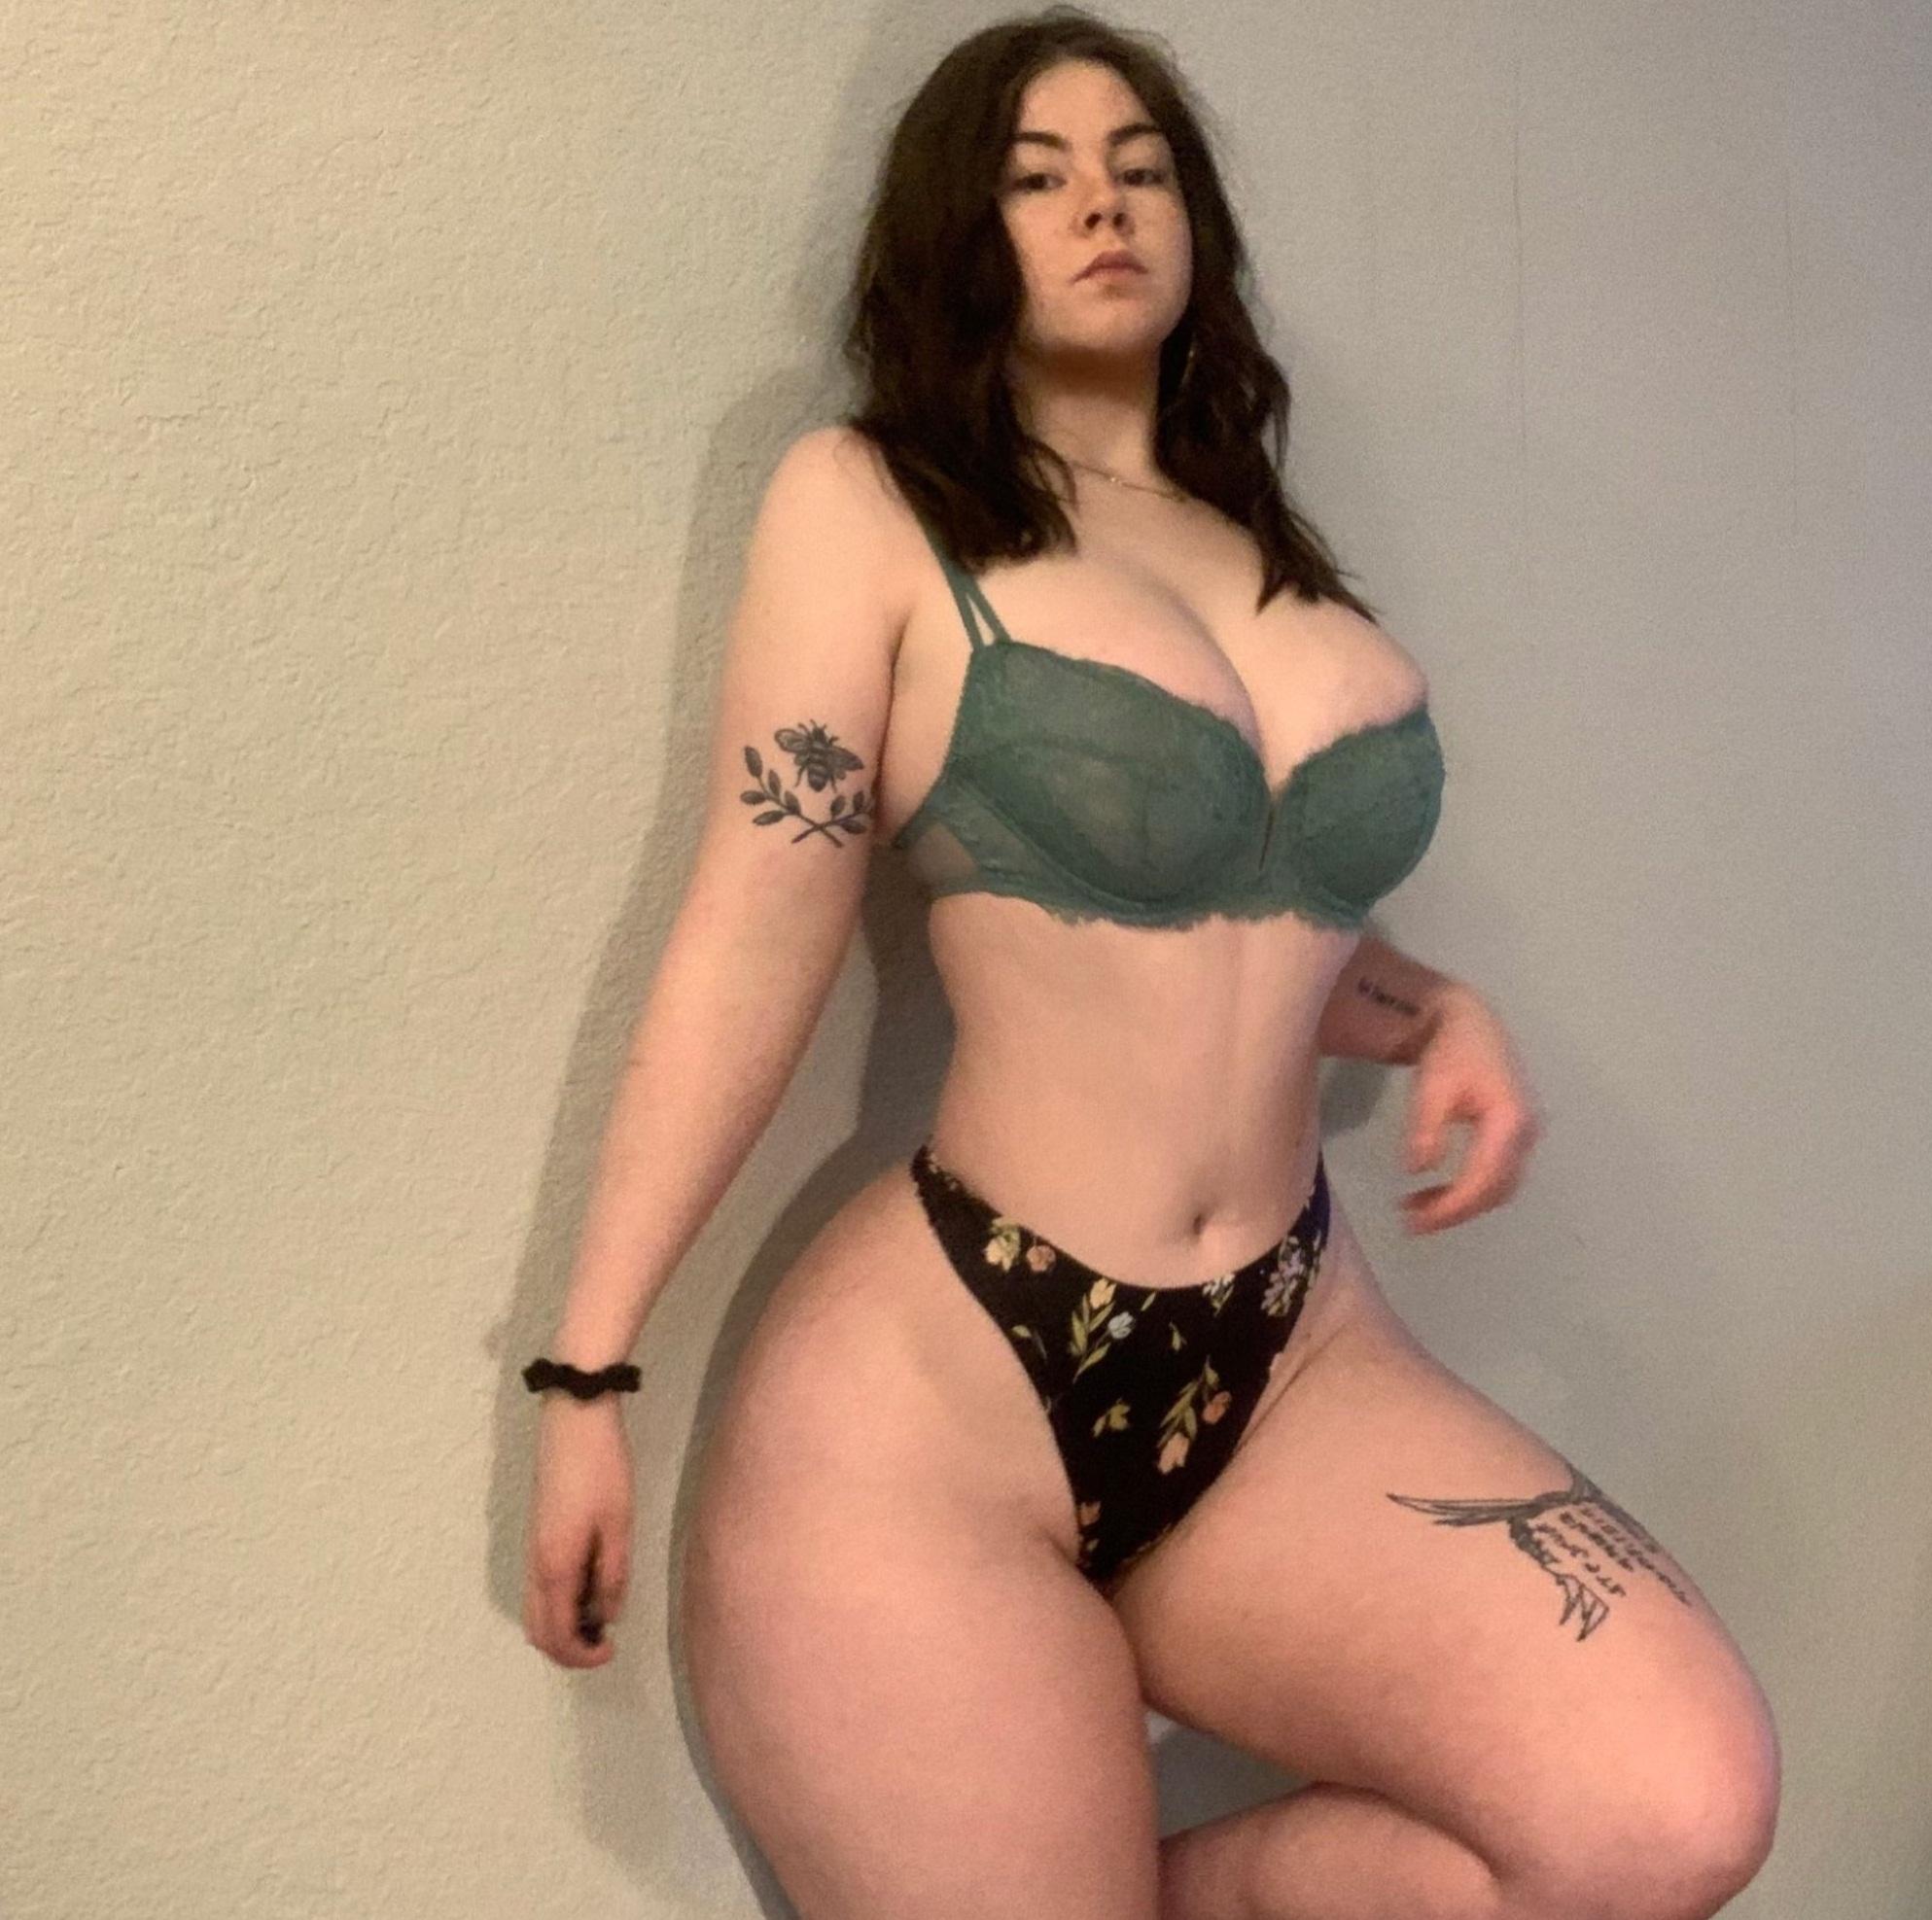 Suculento cuerpo de Kunny fotos + nudes 2